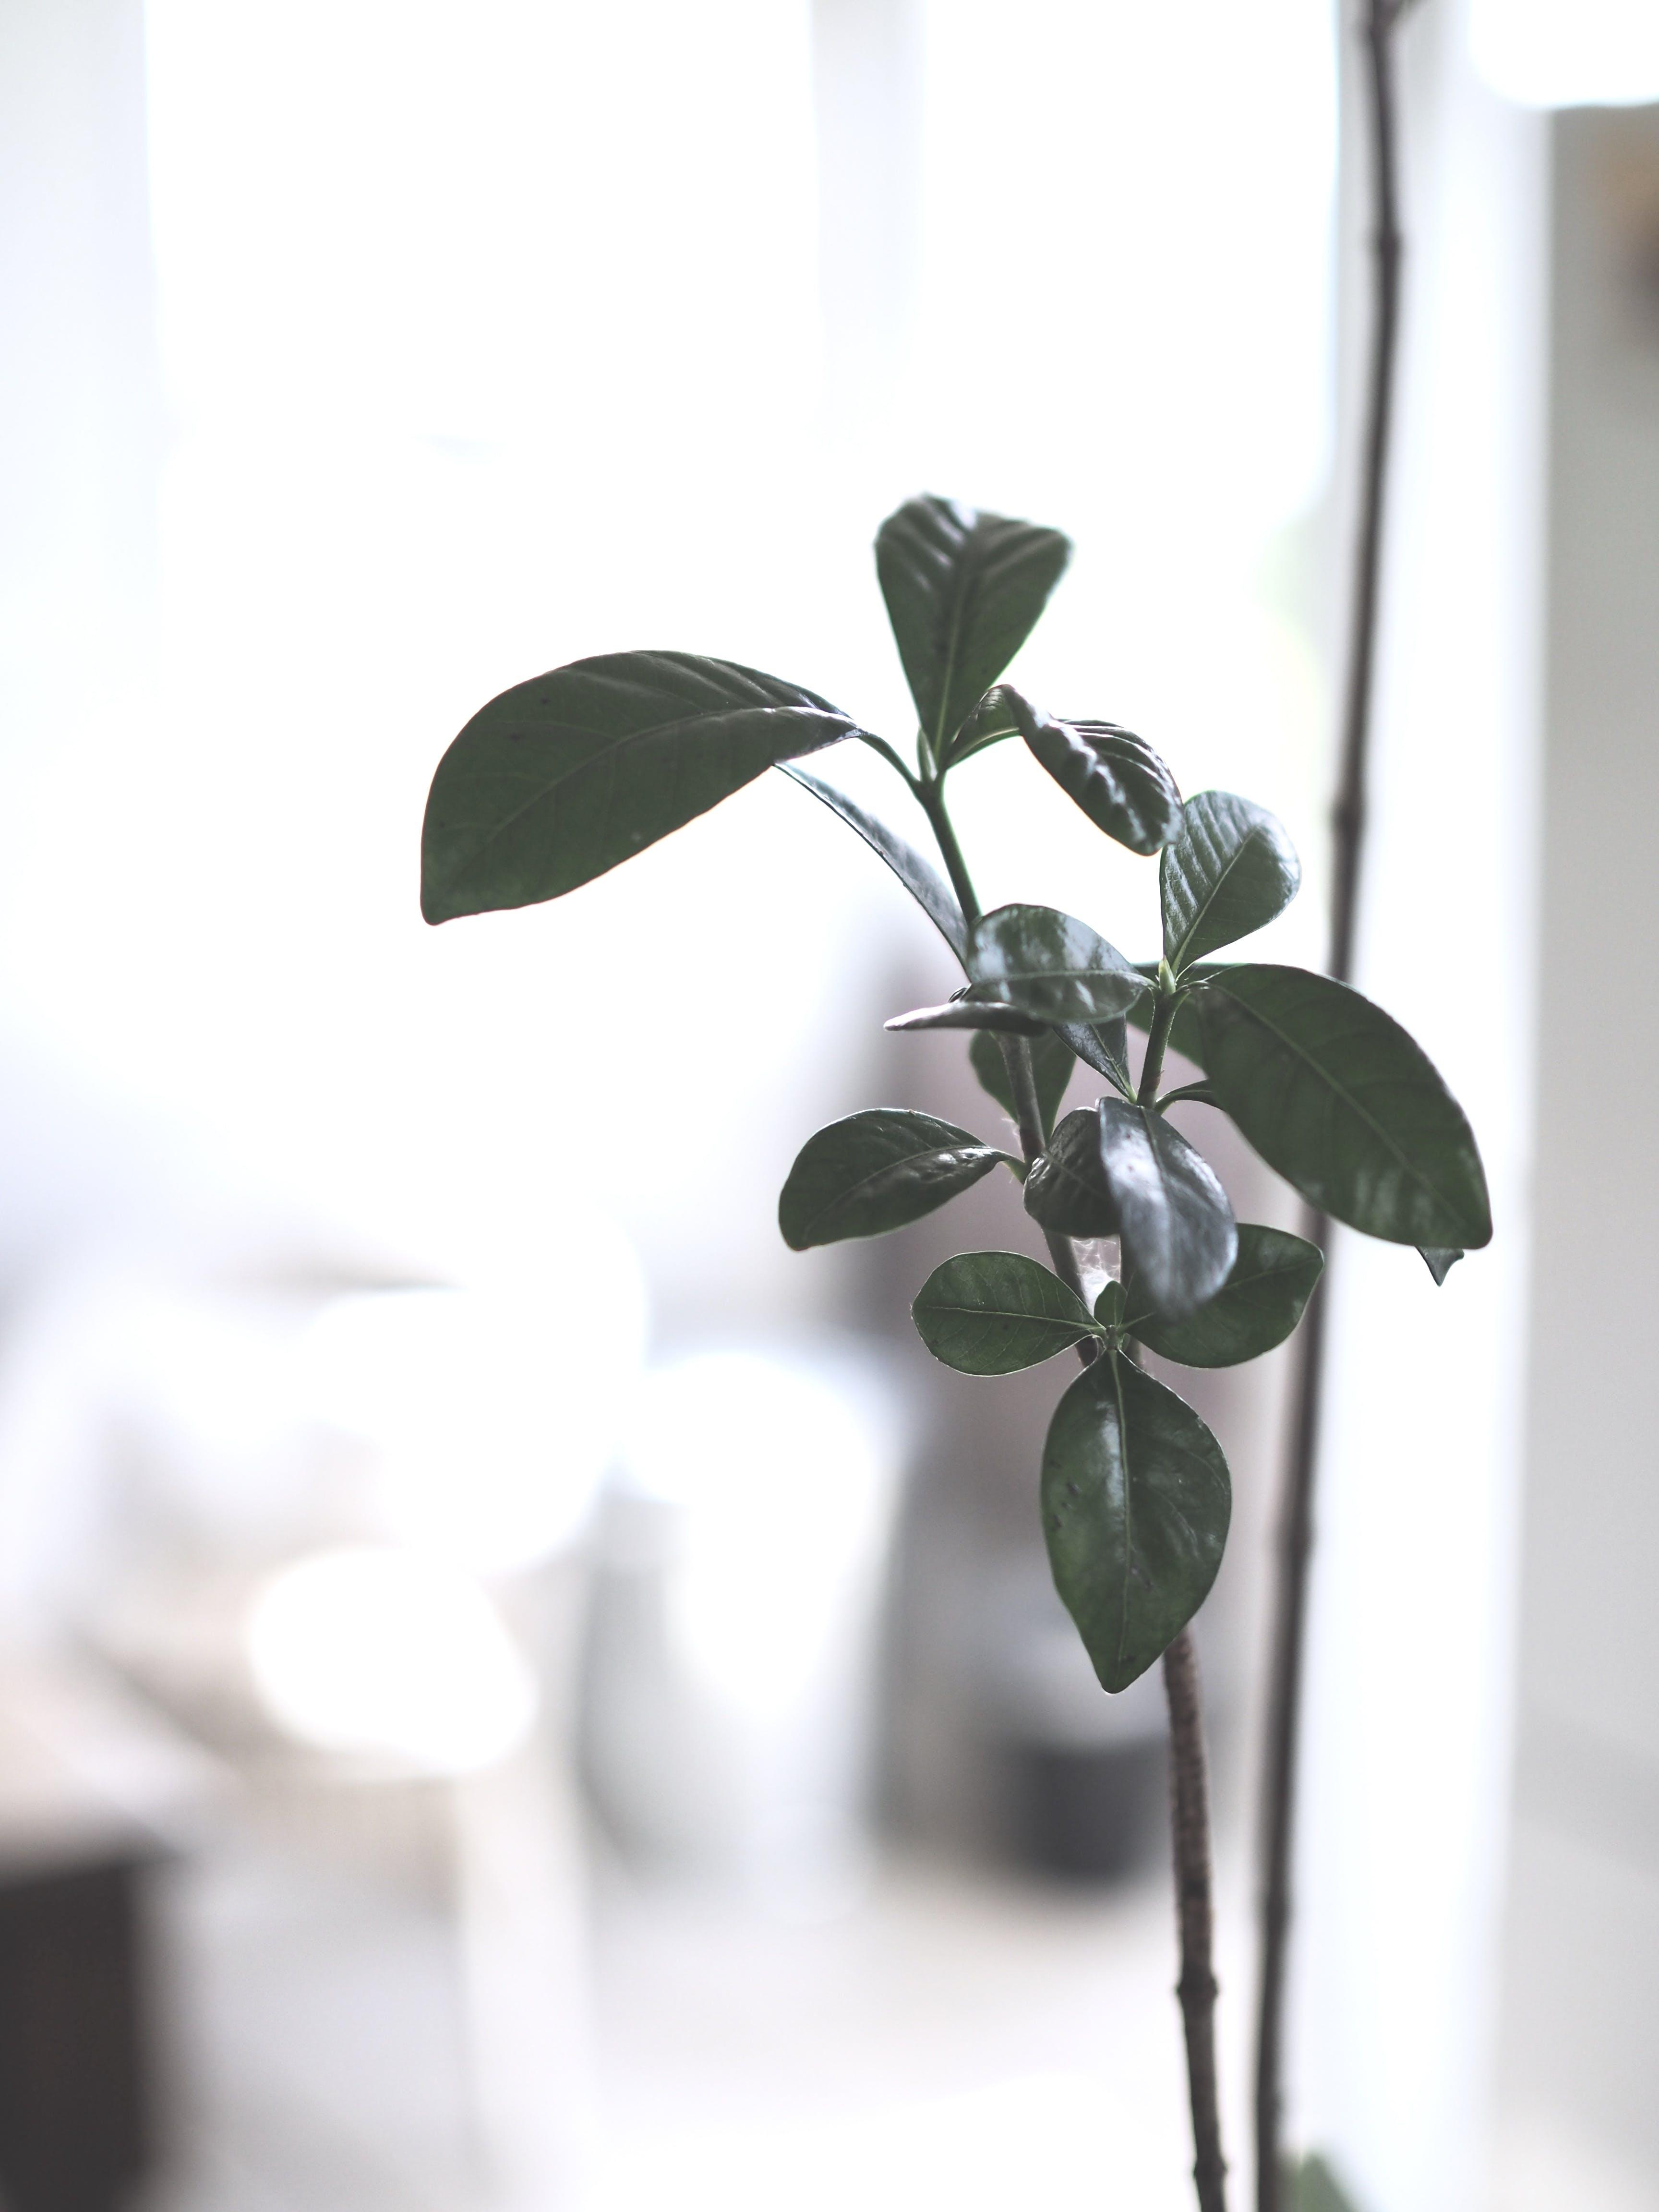 가지, 녹색, 성숙, 성장의 무료 스톡 사진